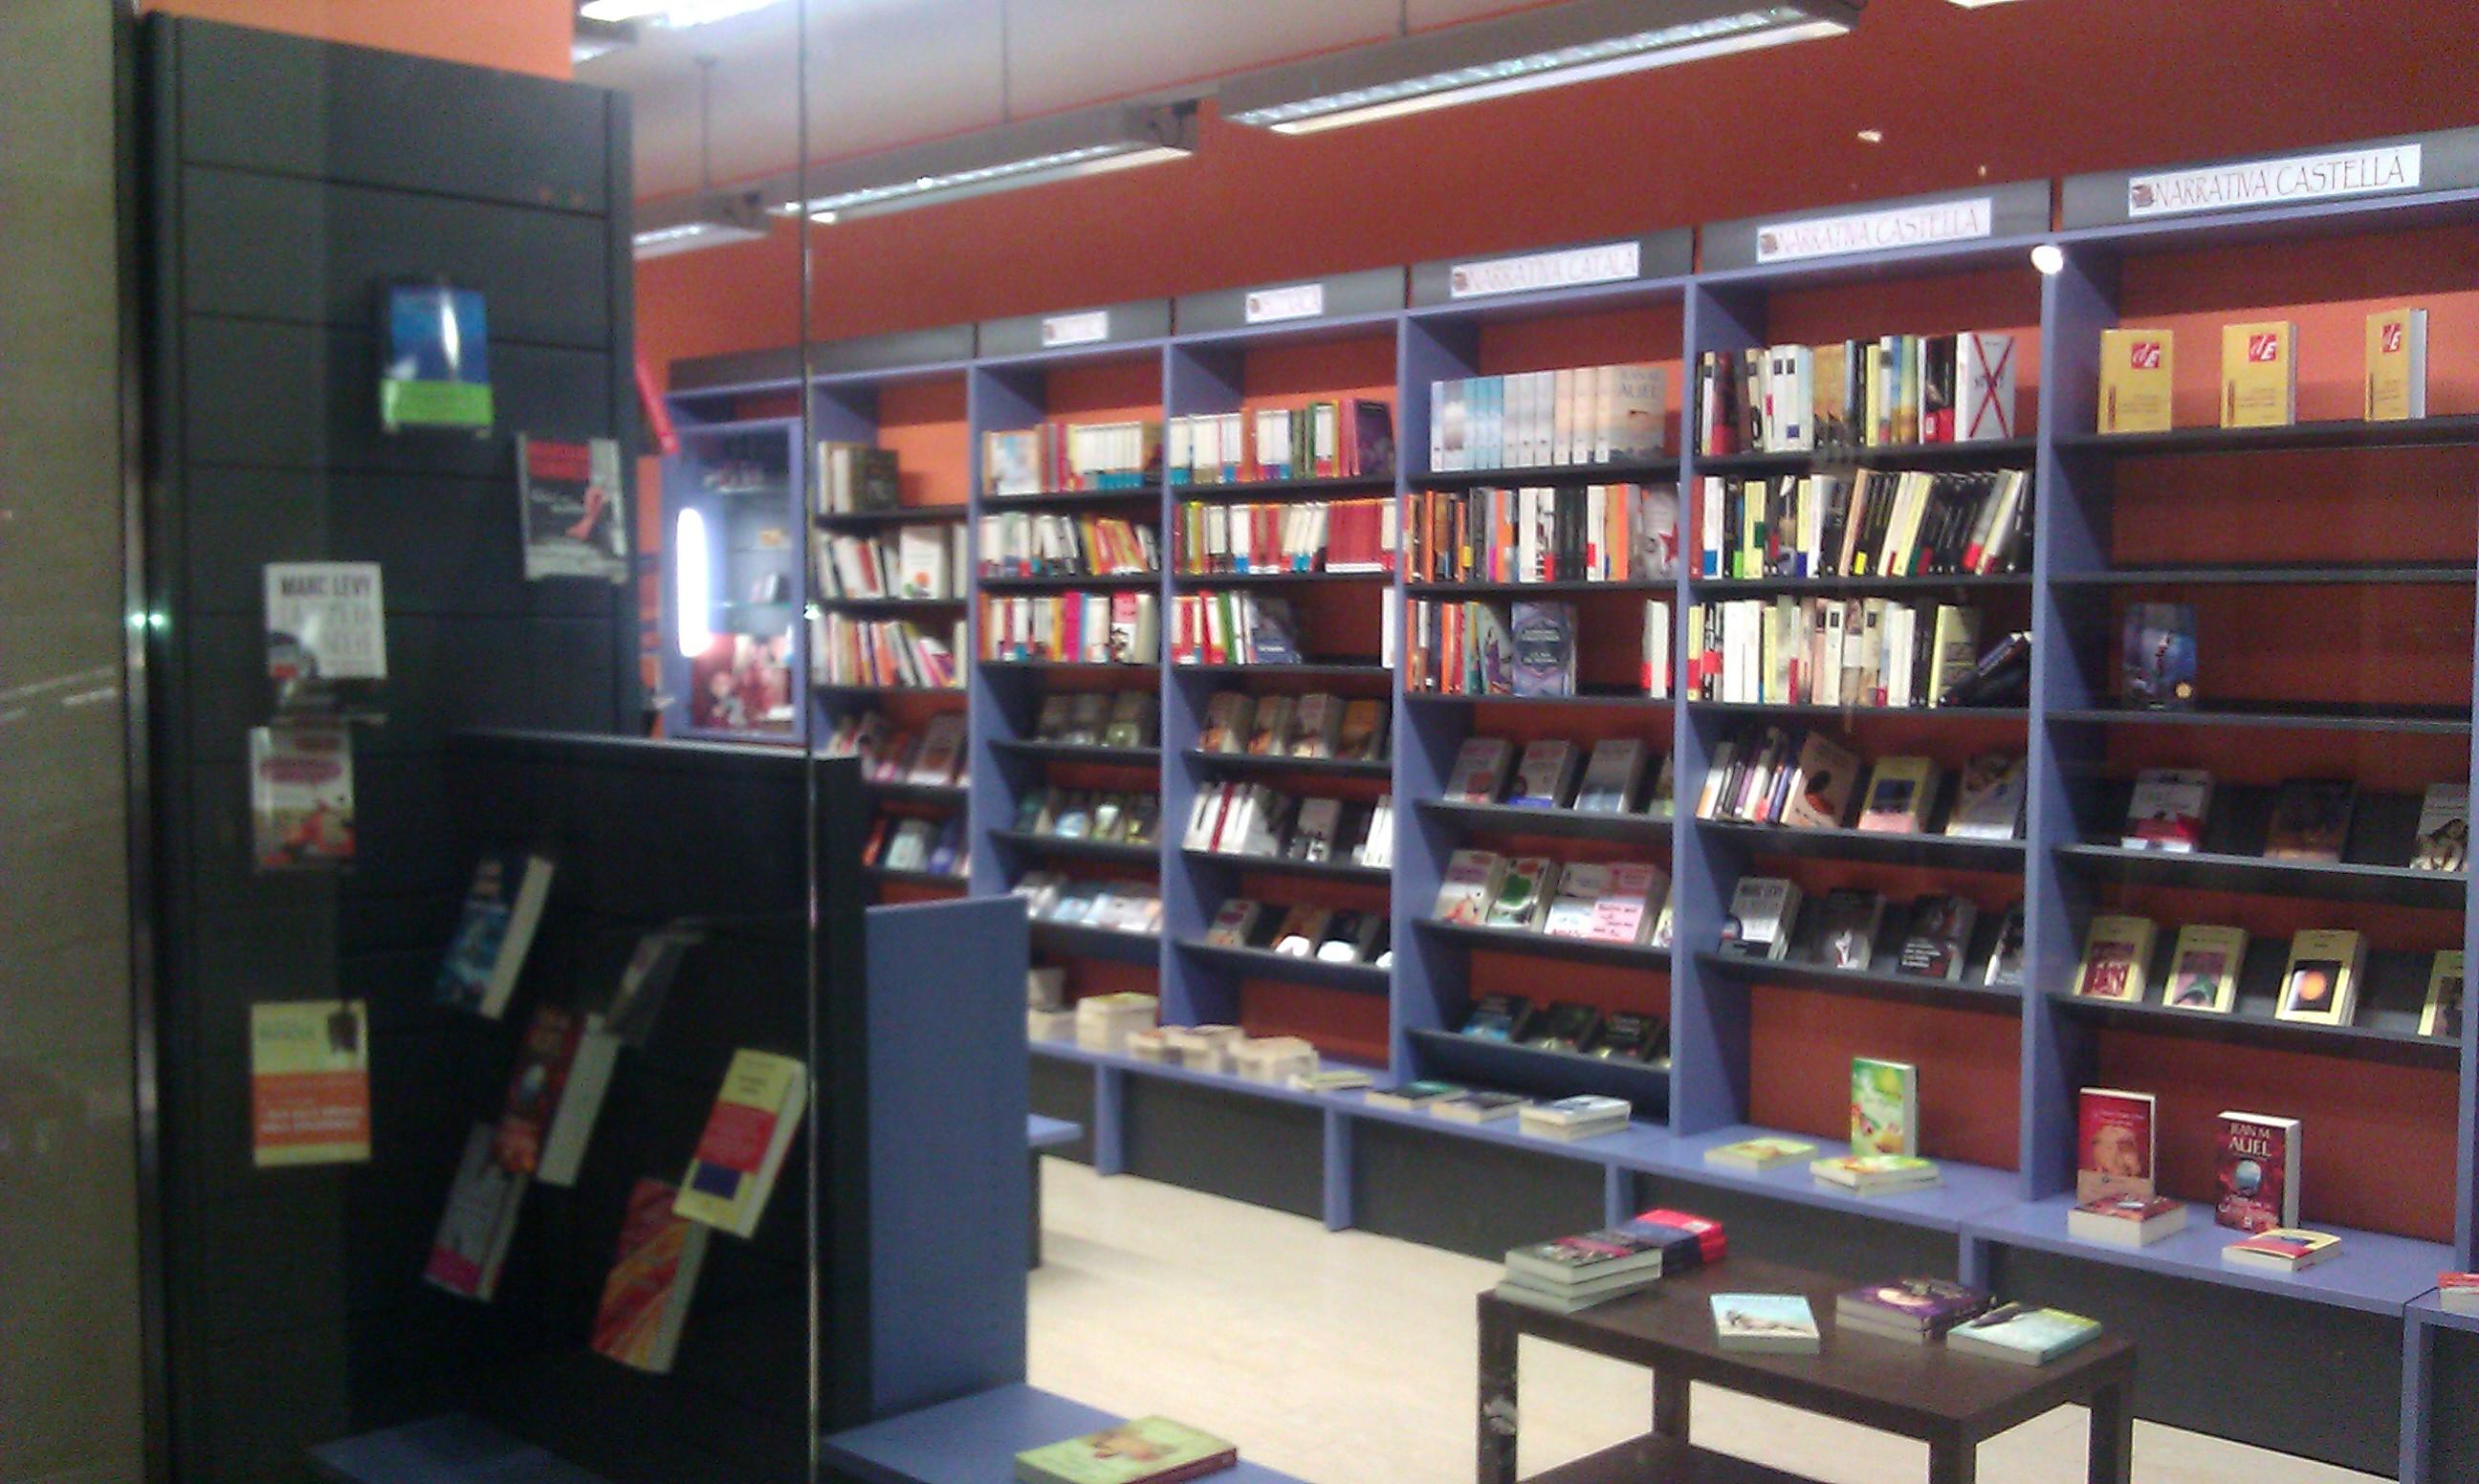 Mobiliario librer a papeler a anuncio mobiliario - Mobiliario para libreria ...